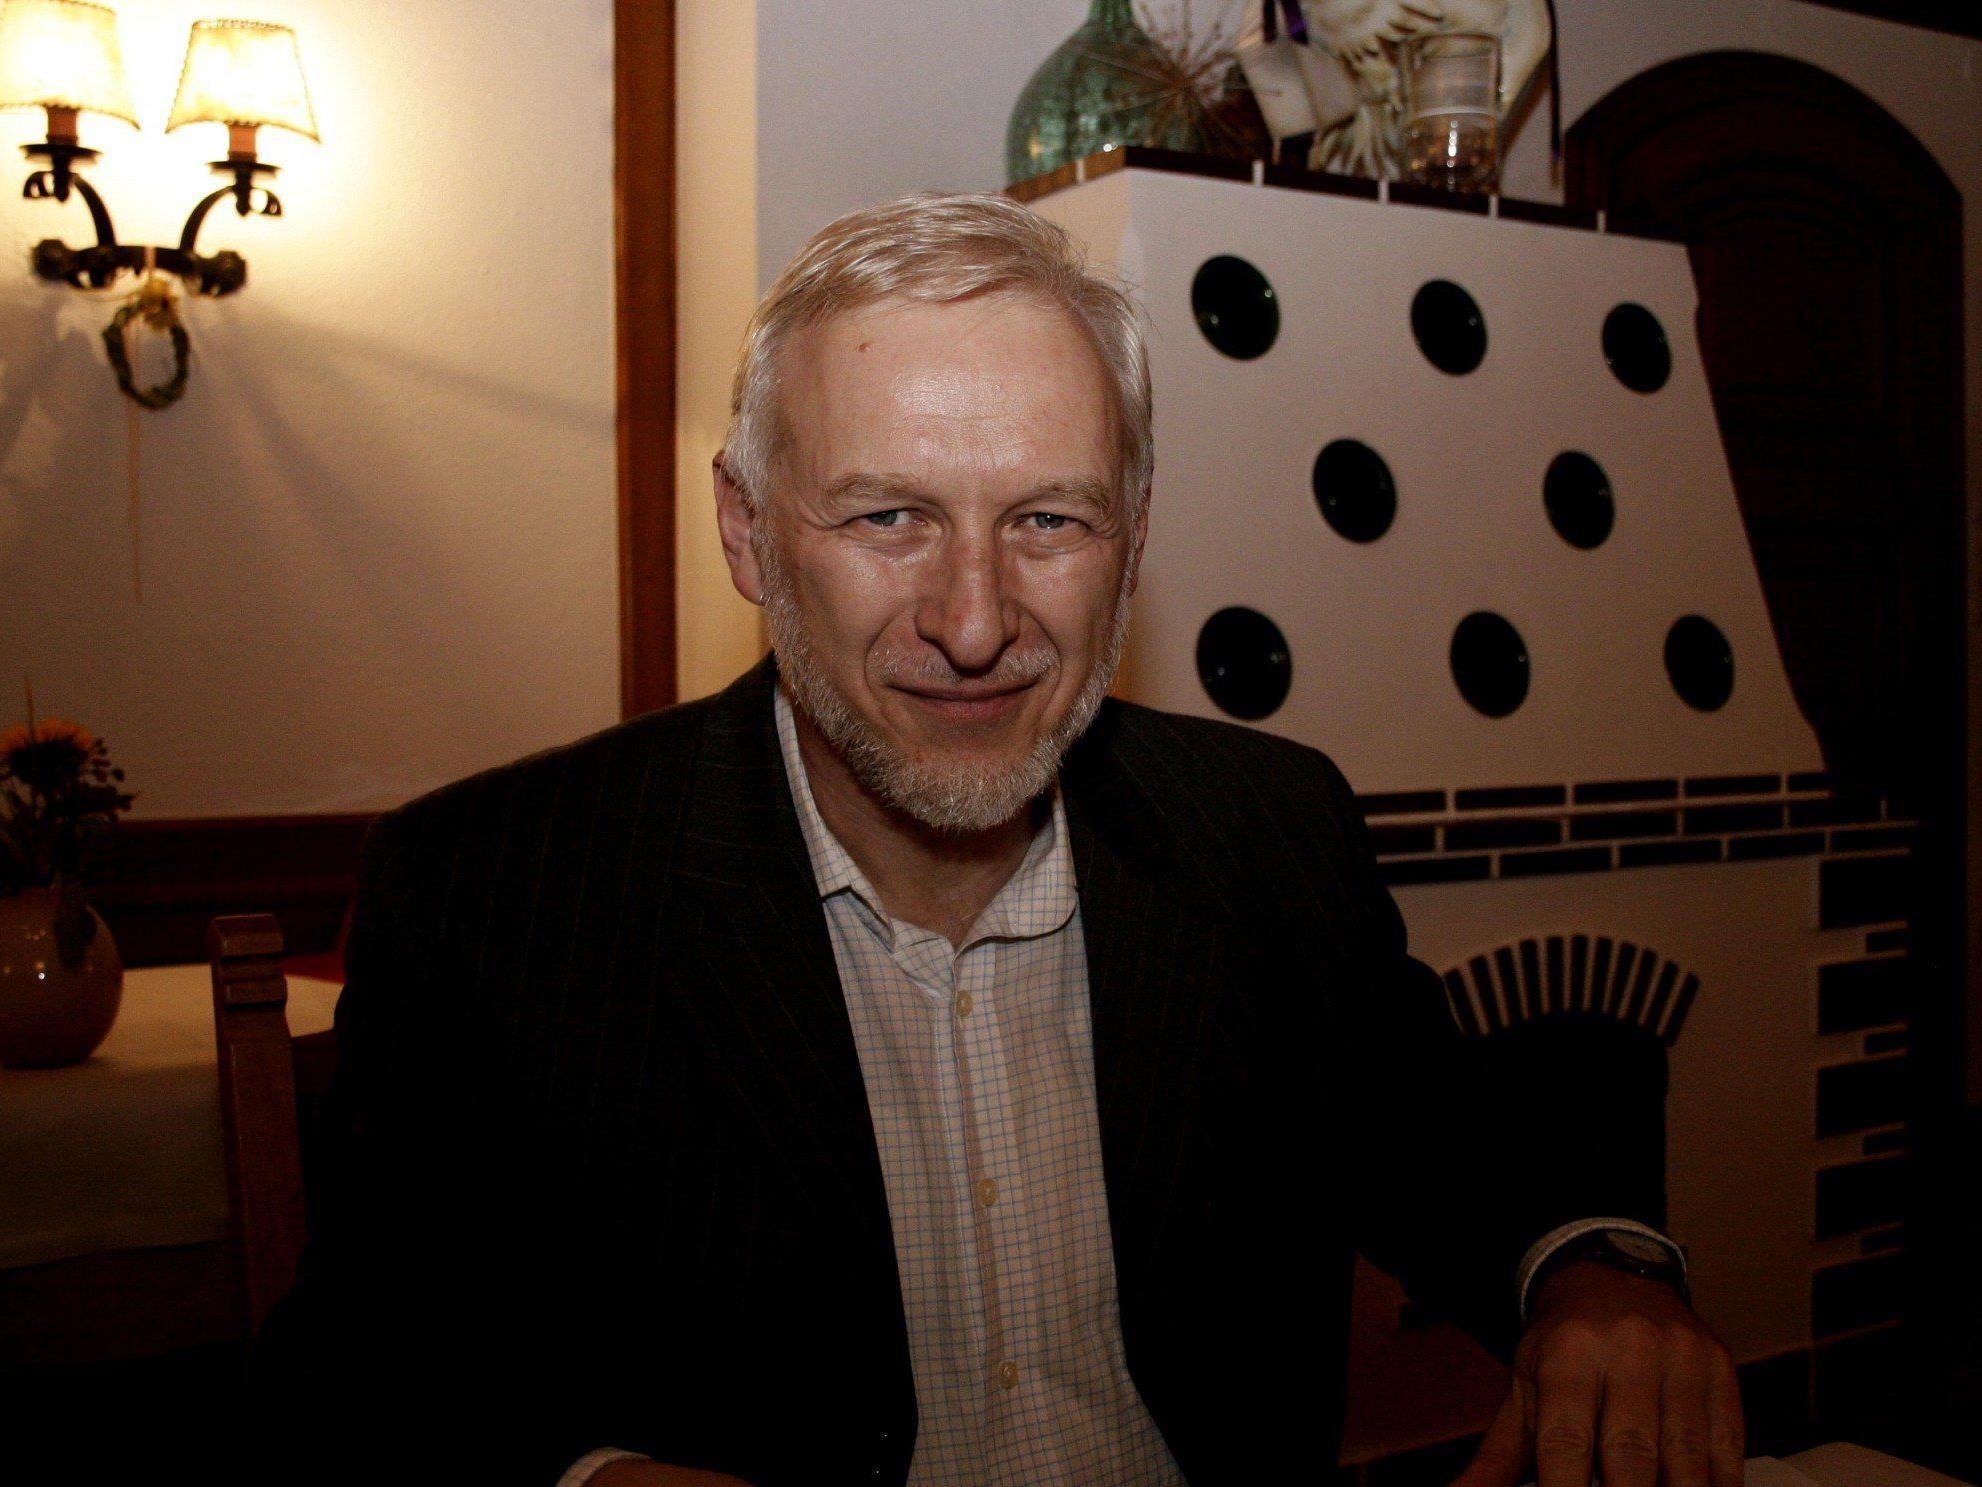 Der aus der Ukraine stammende Sergiy Yakovlyev referiert russische Poesie des 20. Jahrhunderts.